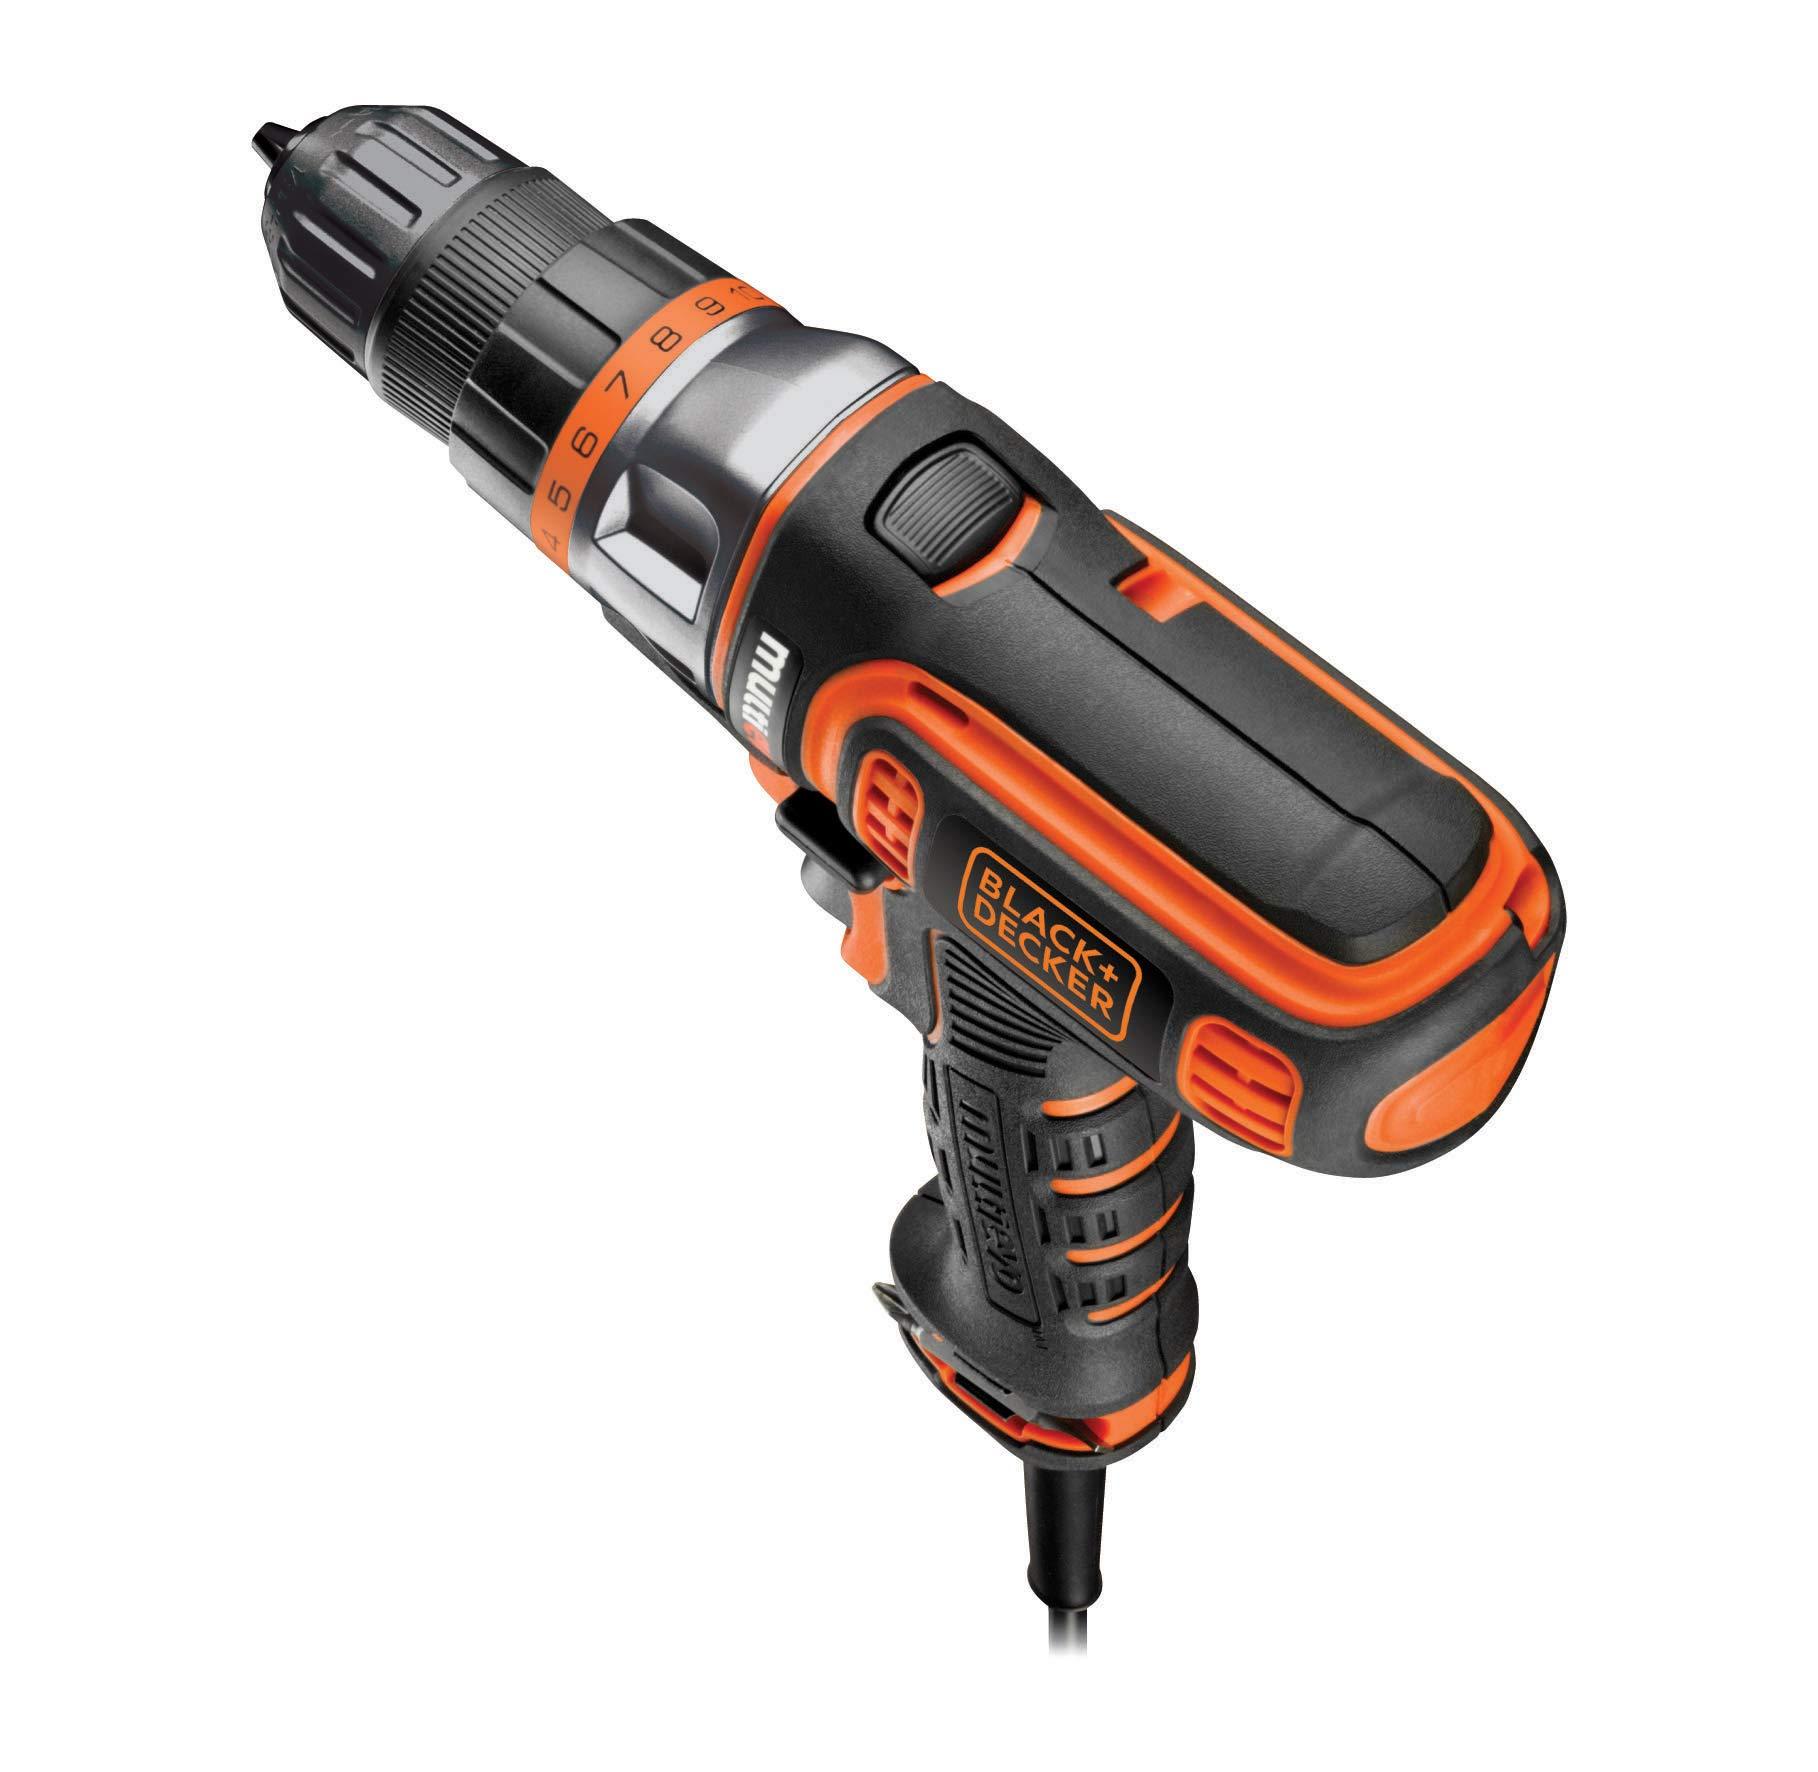 BlackDecker-Multievo-Elektro-Multifunktionswerkzeug-Einstiegsset-300-W-werkzeugloser-Kopfwechsel-10-Drehmomentstufen-inkl-Koffer-MT350K